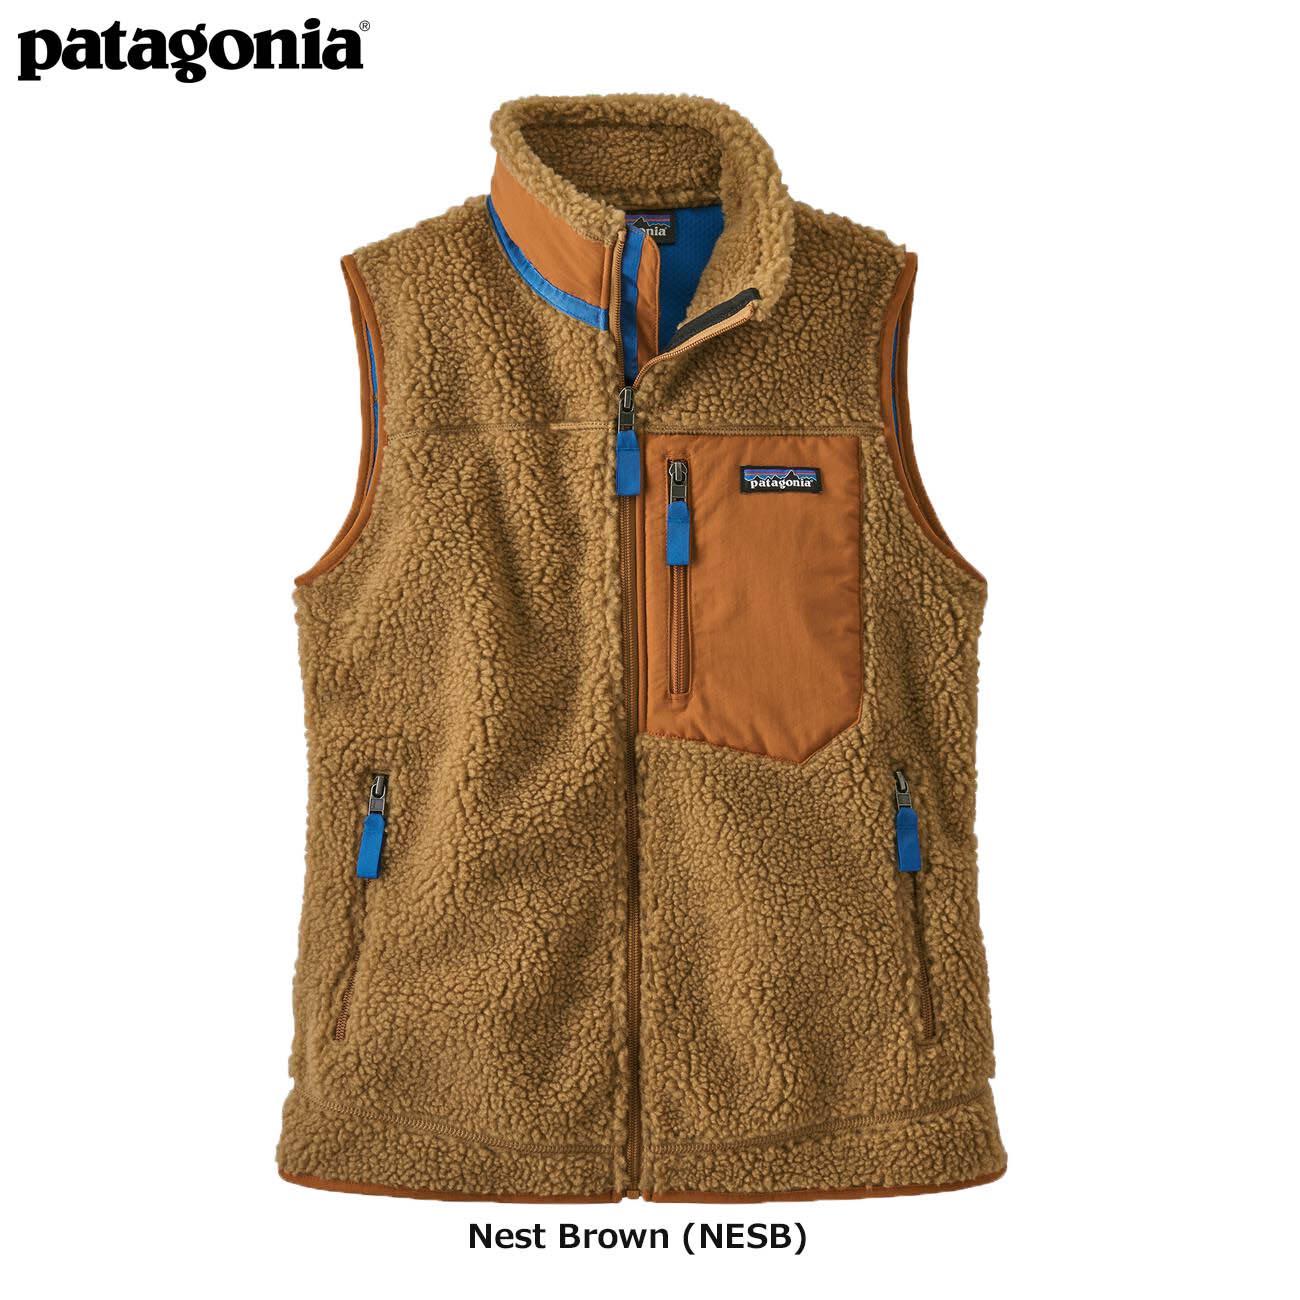 ウィメンズ・クラシック・レトロX・ベスト 23083 / 【patagonia パタゴニア】